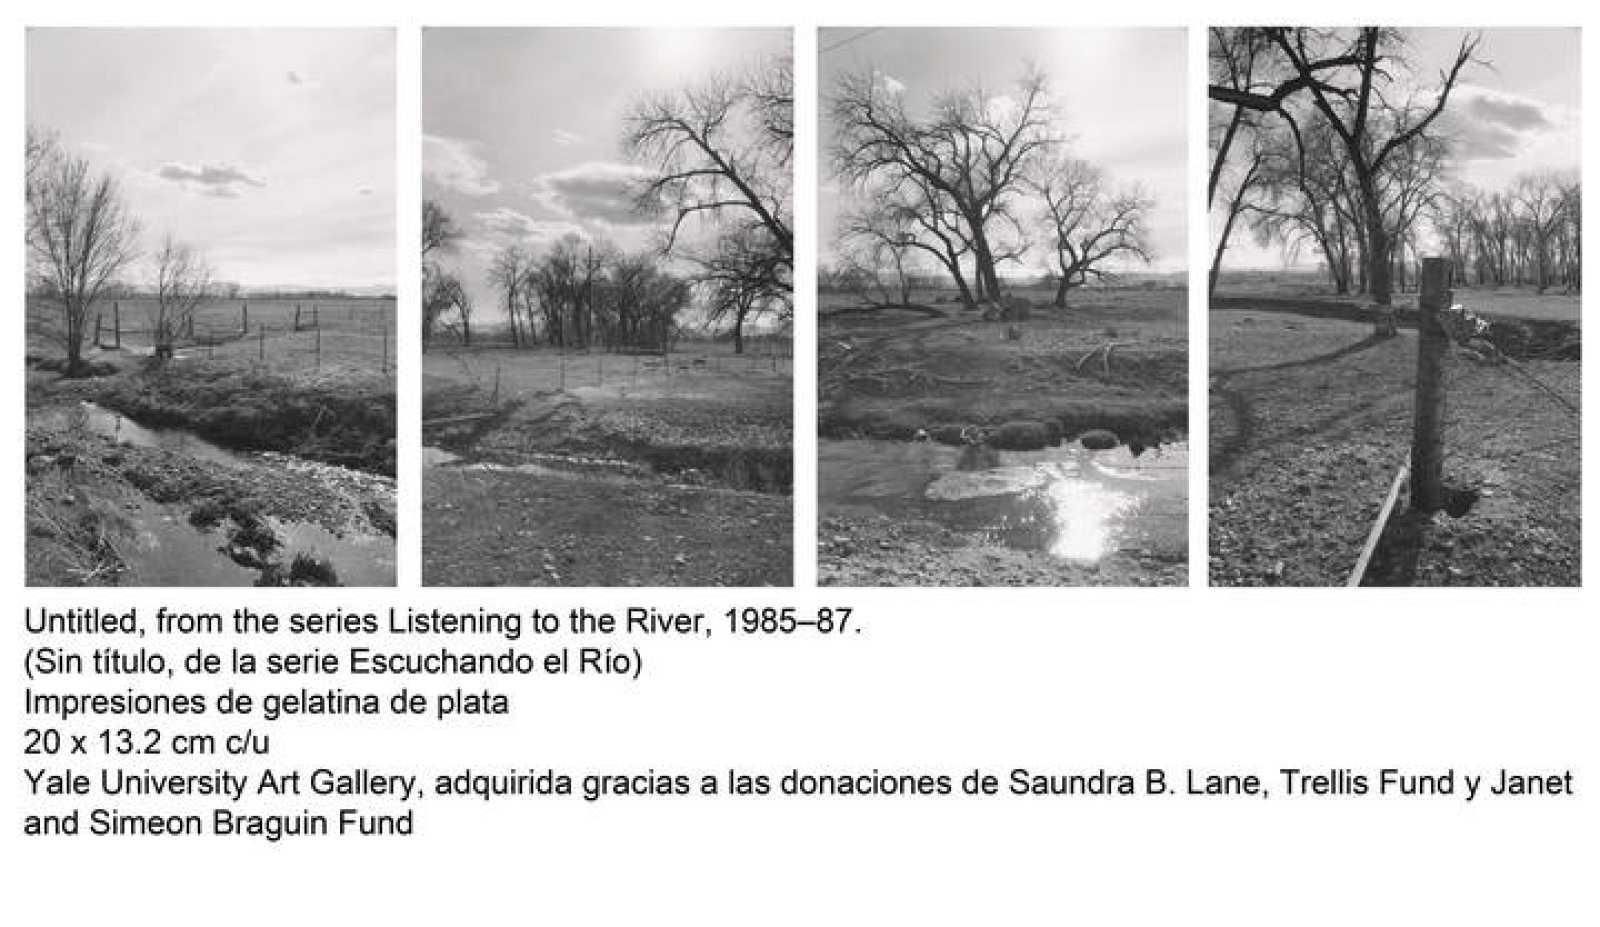 Detalle de una composición de varias fotografias, que pertenece a la serie 'Escuchando el río' (1985-1987)